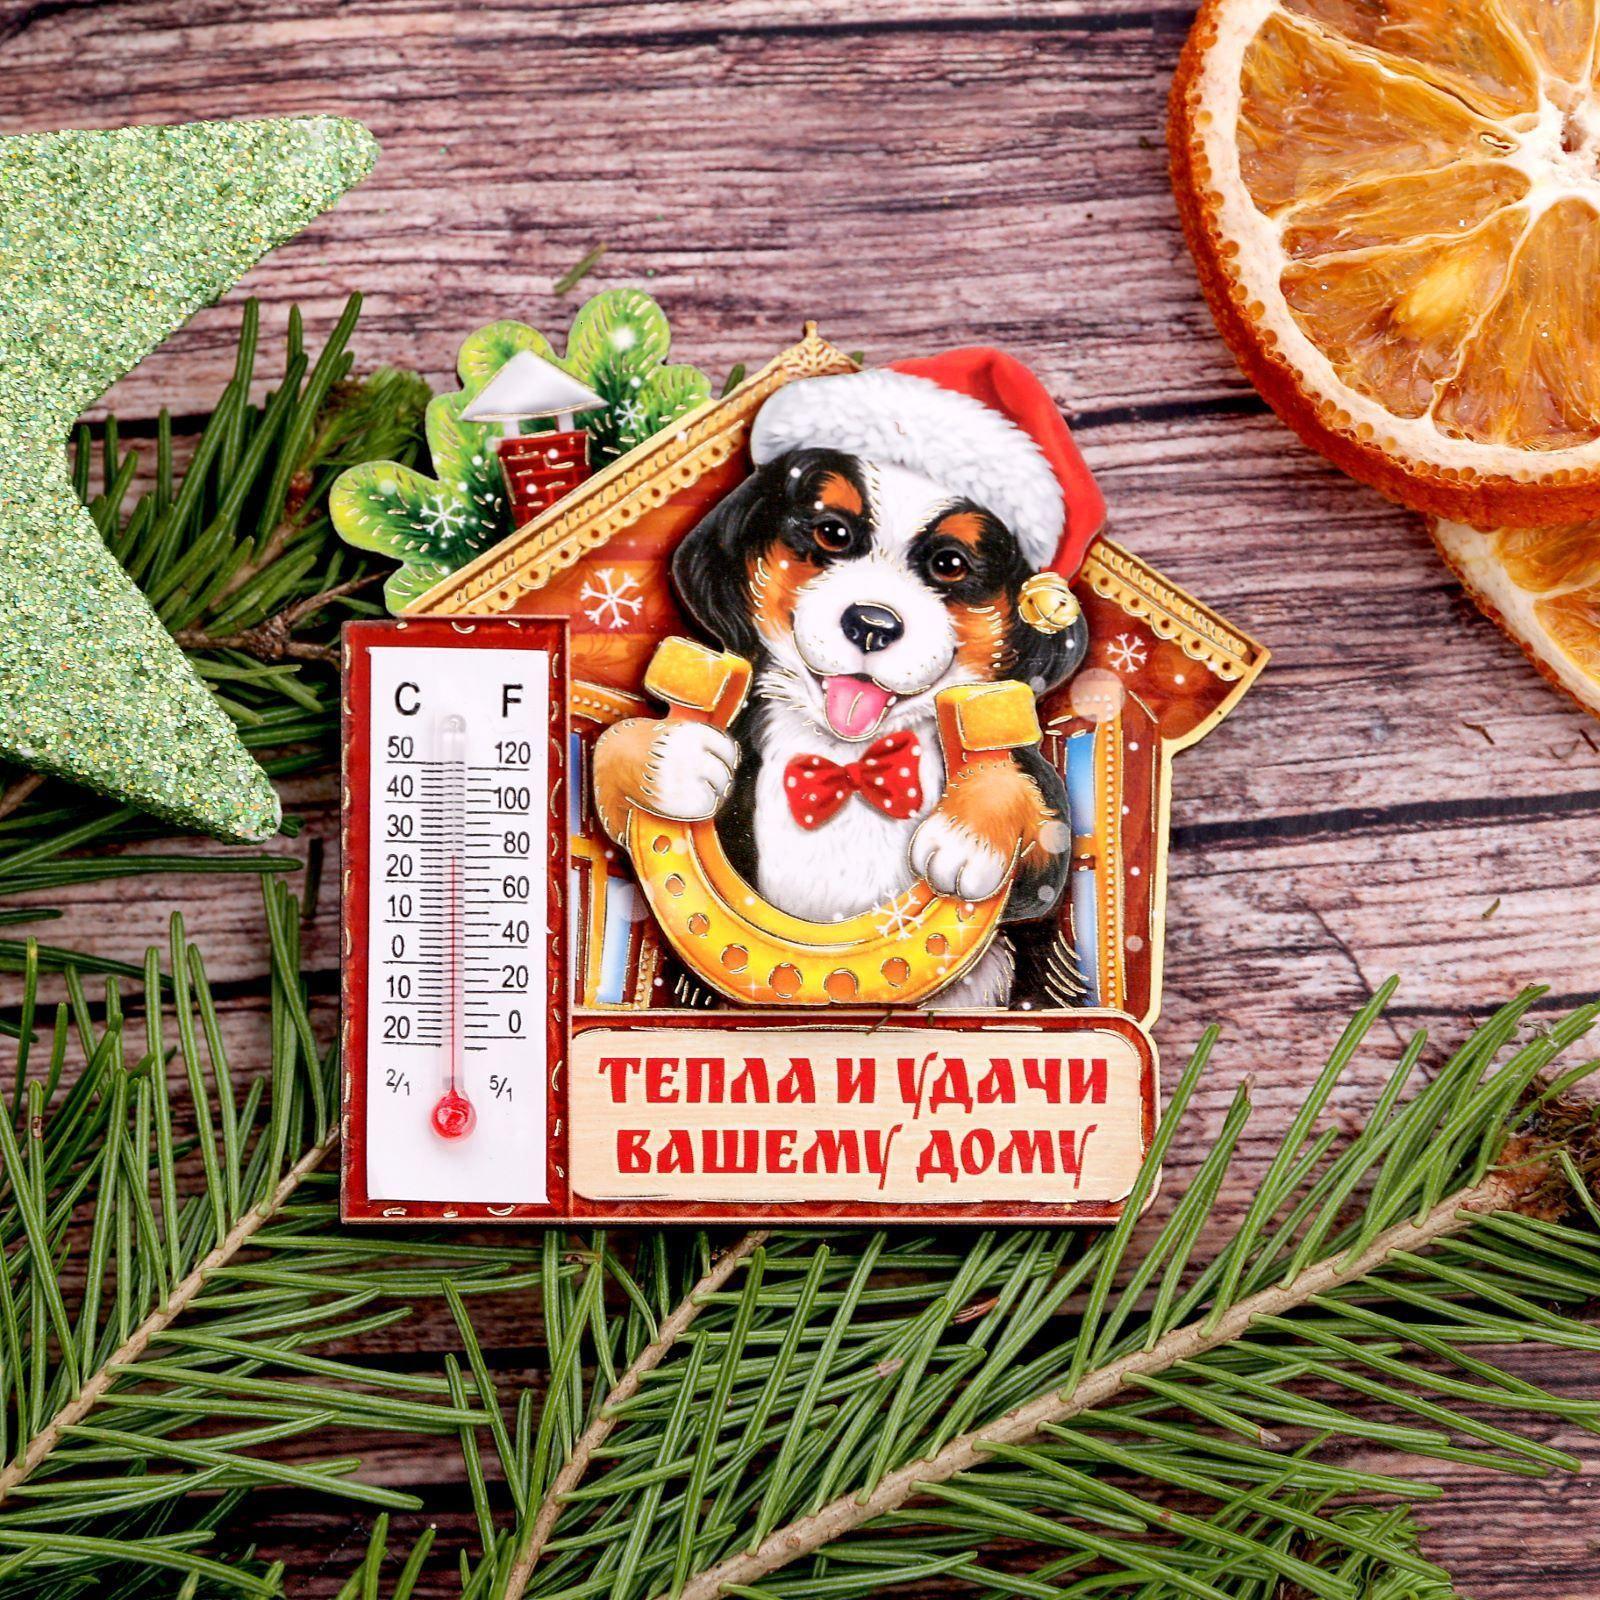 Магнит Sima-land Тепла и удачи вашему дому, с термометром, 7,5 х 7,6 см1982801Порадуйте родных и близких оригинальным сувениром: преподнесите в подарок магнит. С ним даже самый серьёзный человек почувствует себя ребёнком, ожидающим чудо! Создайте праздничное настроение, и оно останется с вами на весь год.